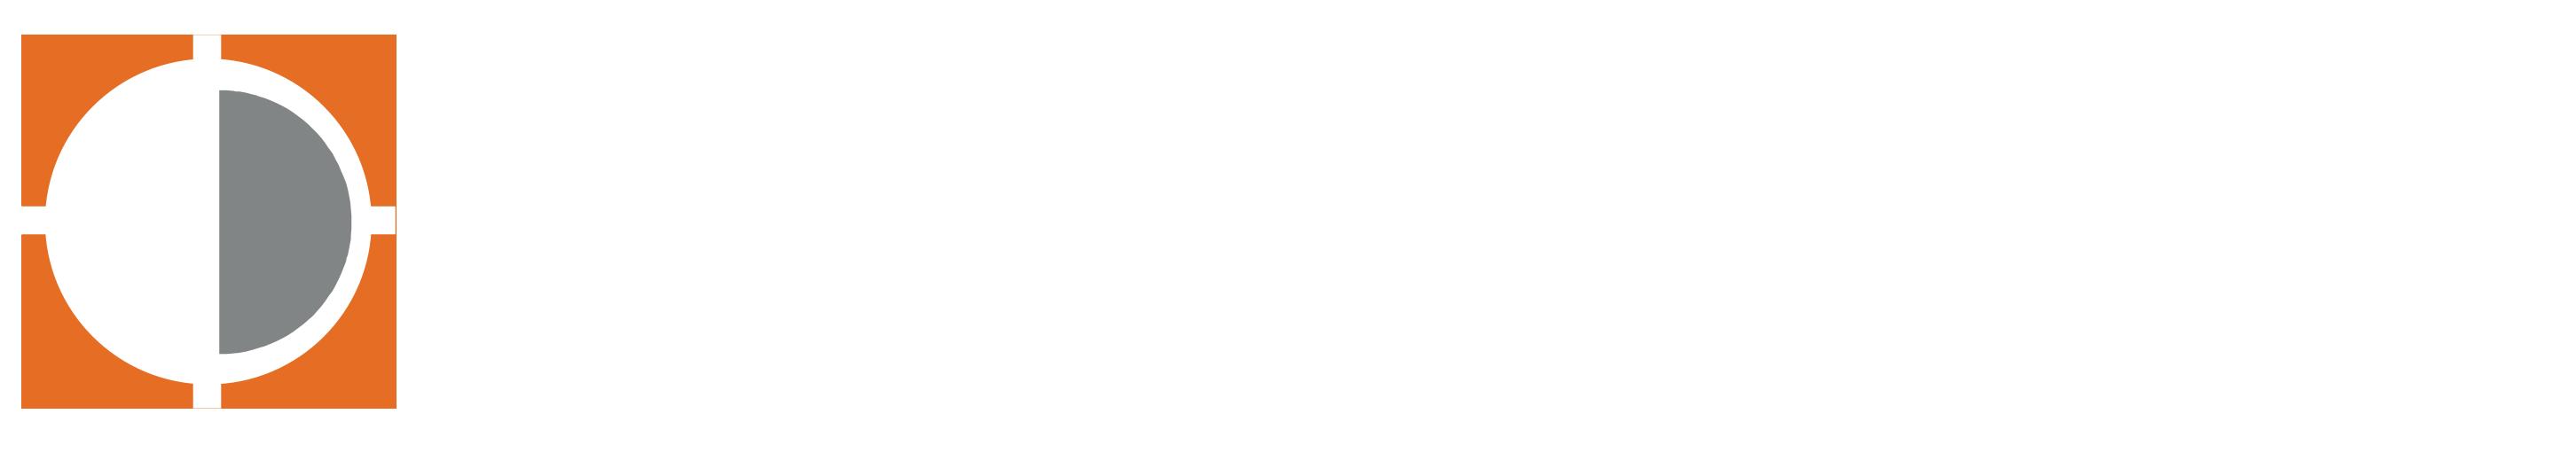 Central Projectos - Projeto e Fiscalização